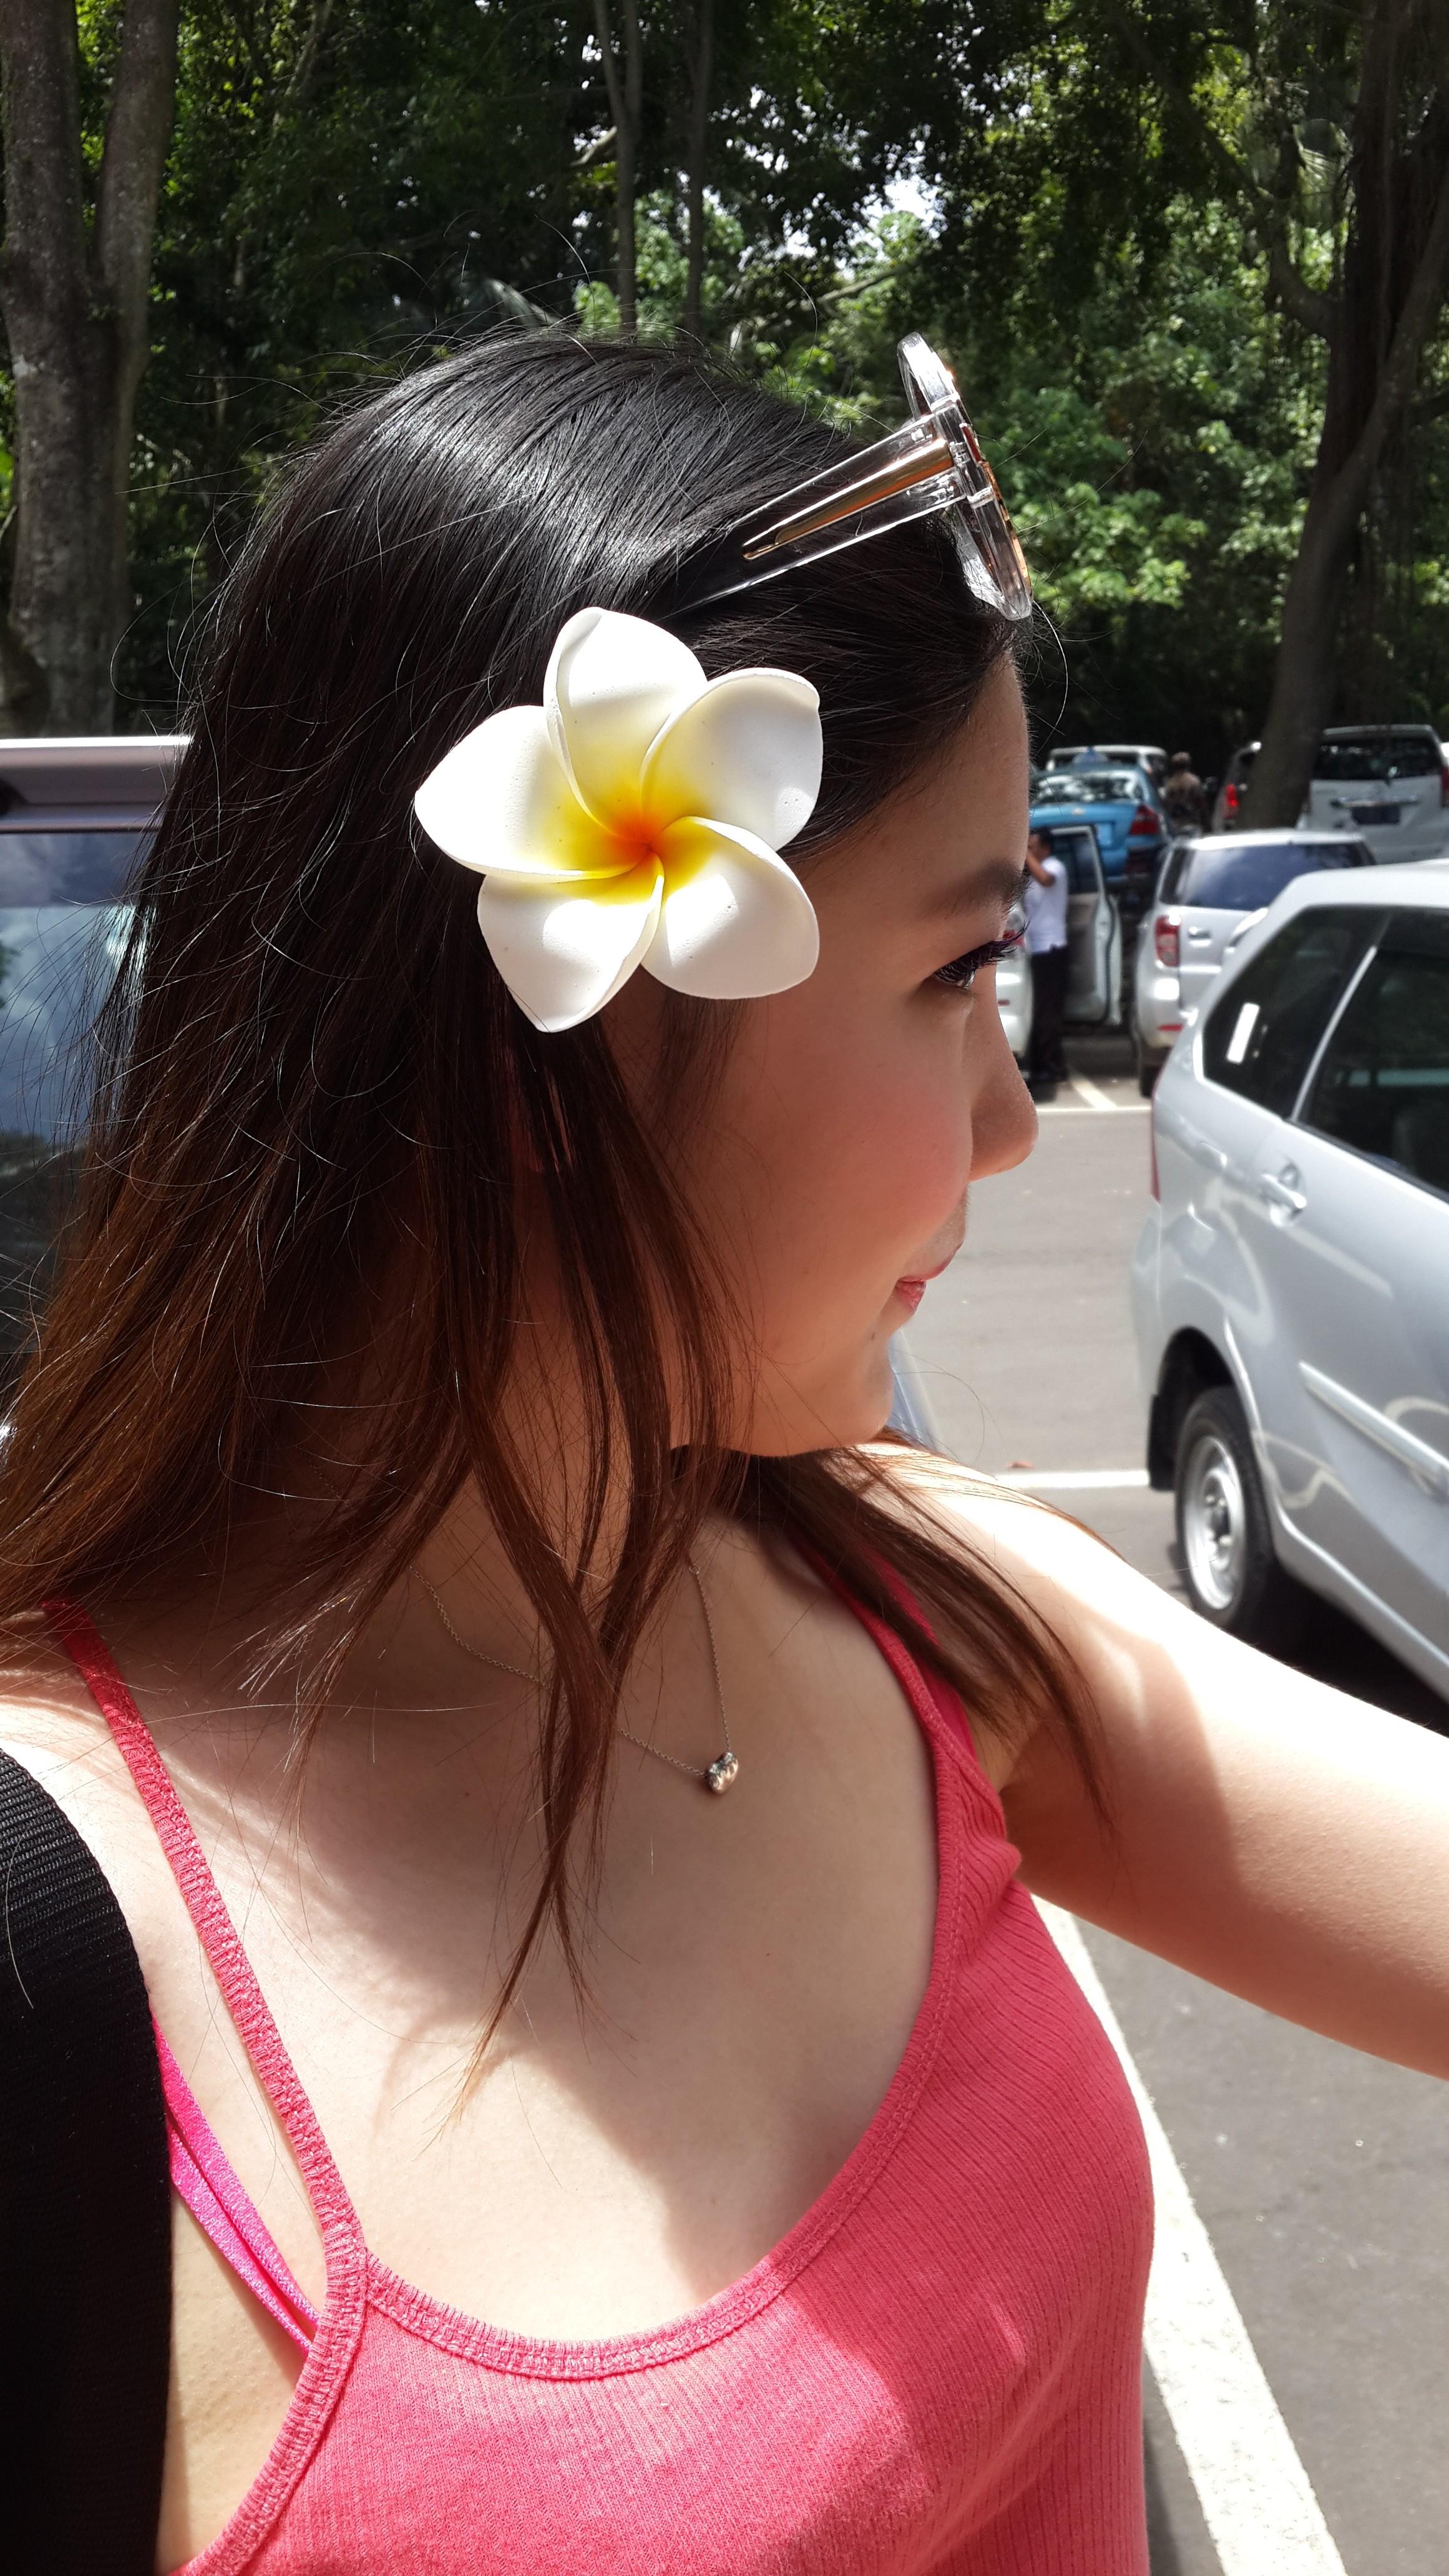 舔小妞妞的小屄屄_2014年6月巴厘岛6日行记 付妞妞 2014-06-19  乌布